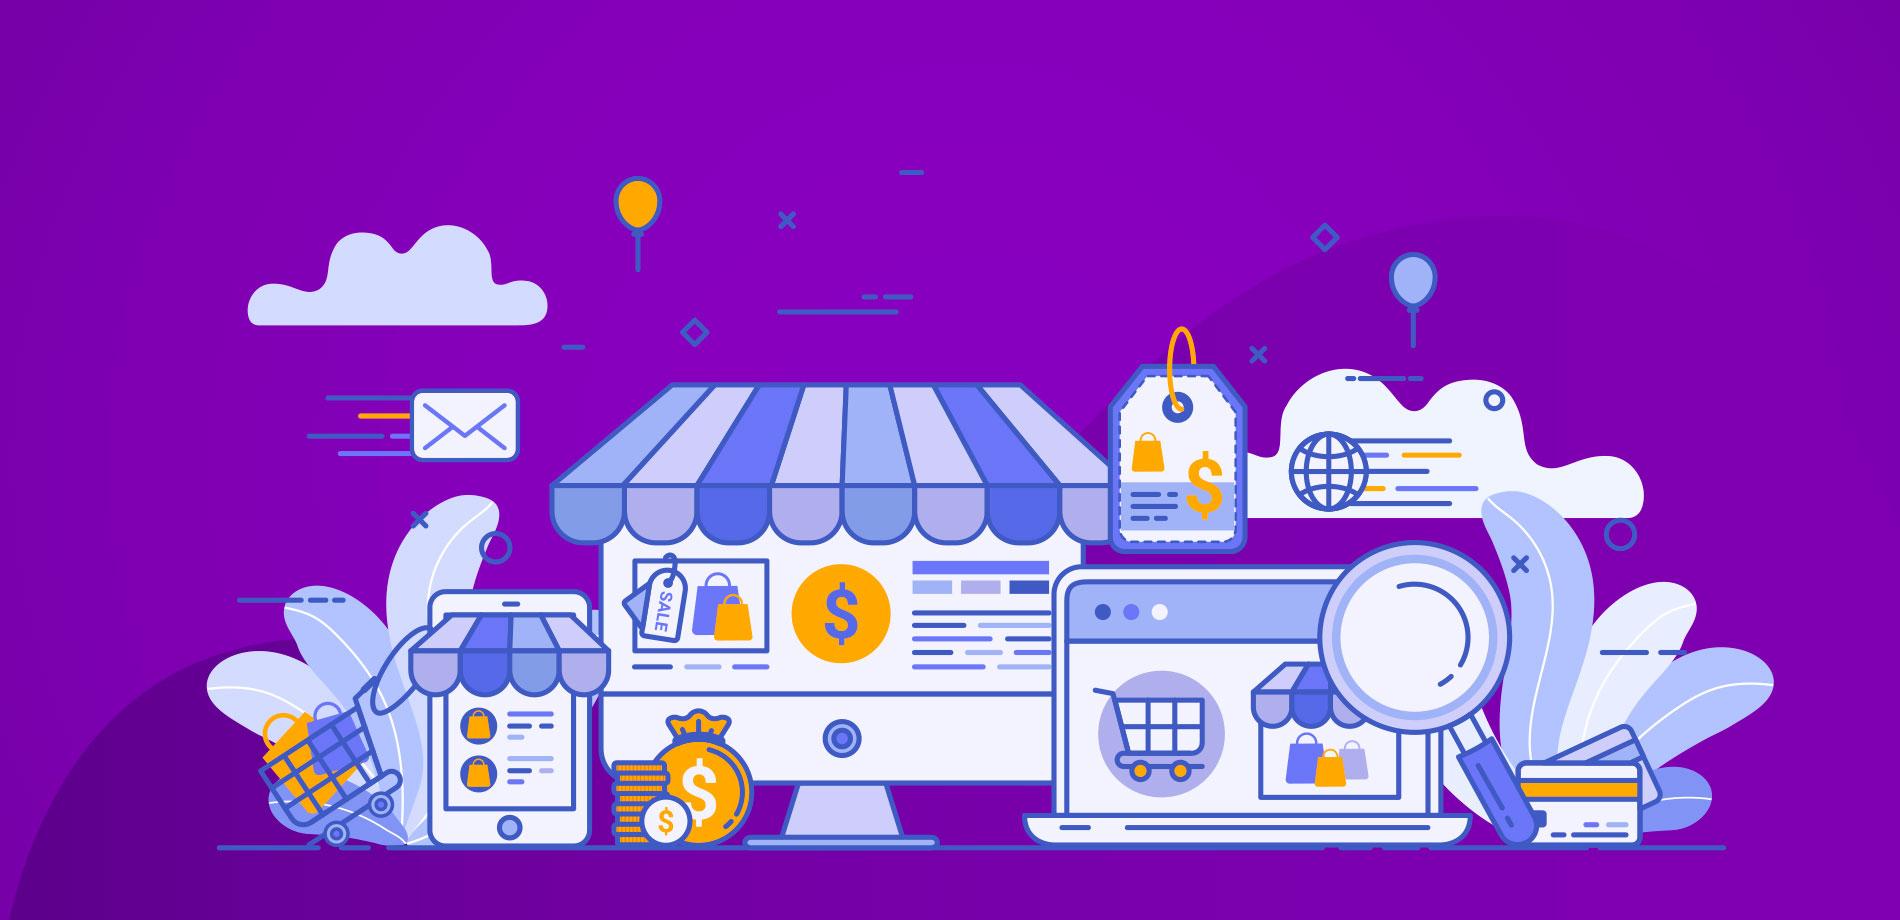 10 maneiras de promover seu negócio com pouco ou nenhum dinheiro